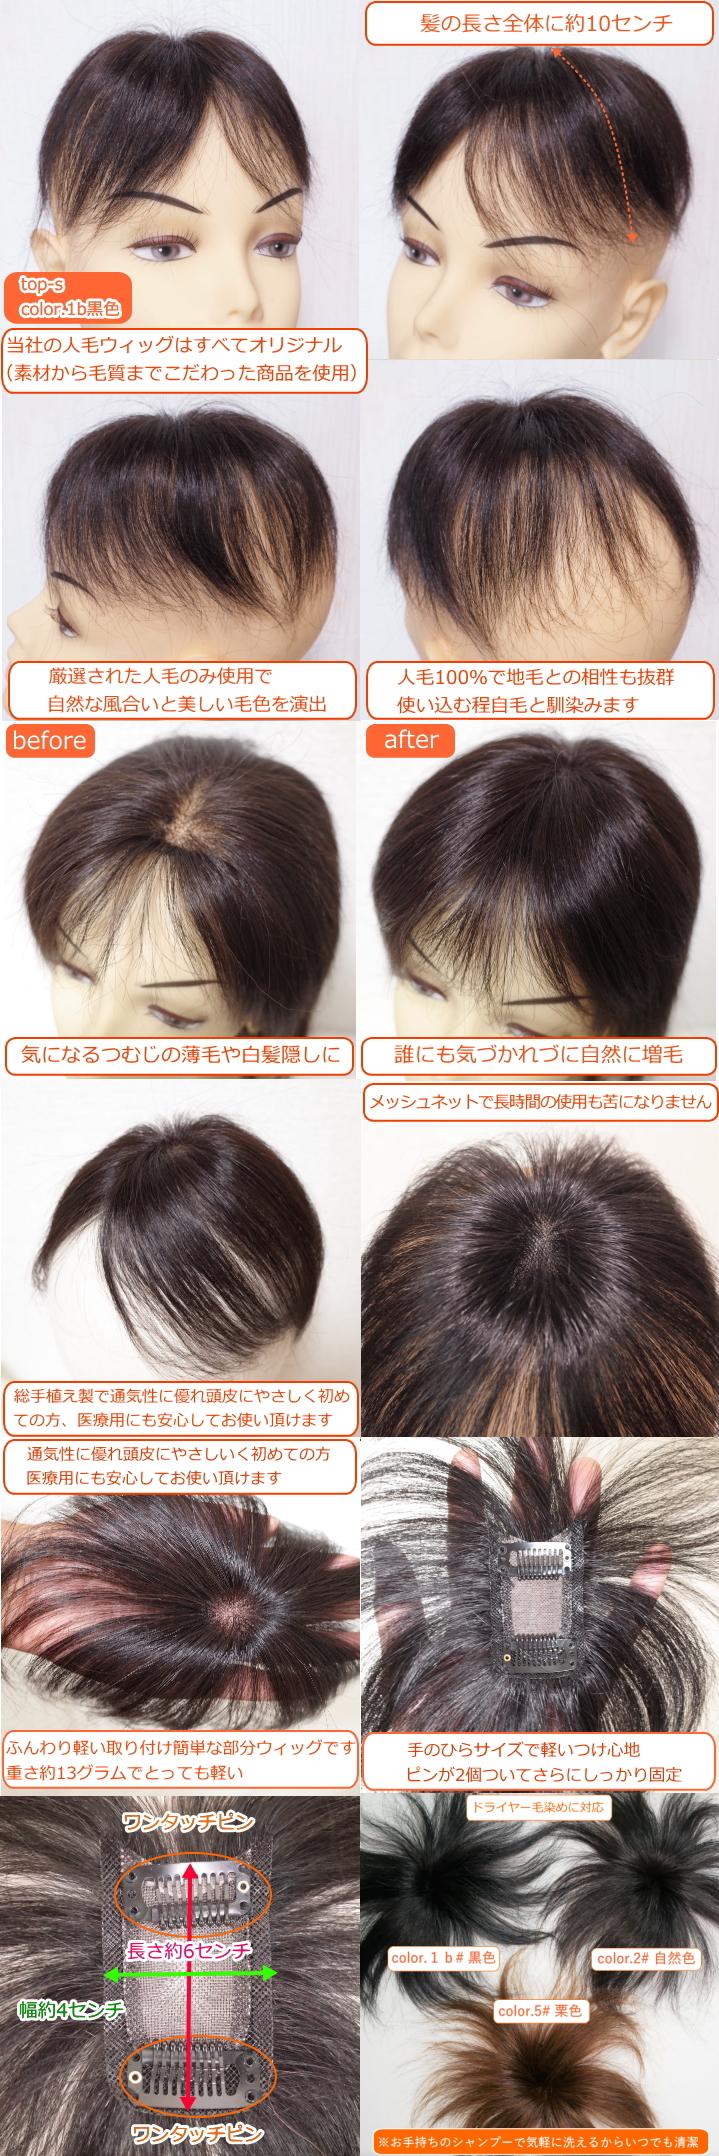 女性用人毛部分ウィッグSサイズtop-s詳細画像